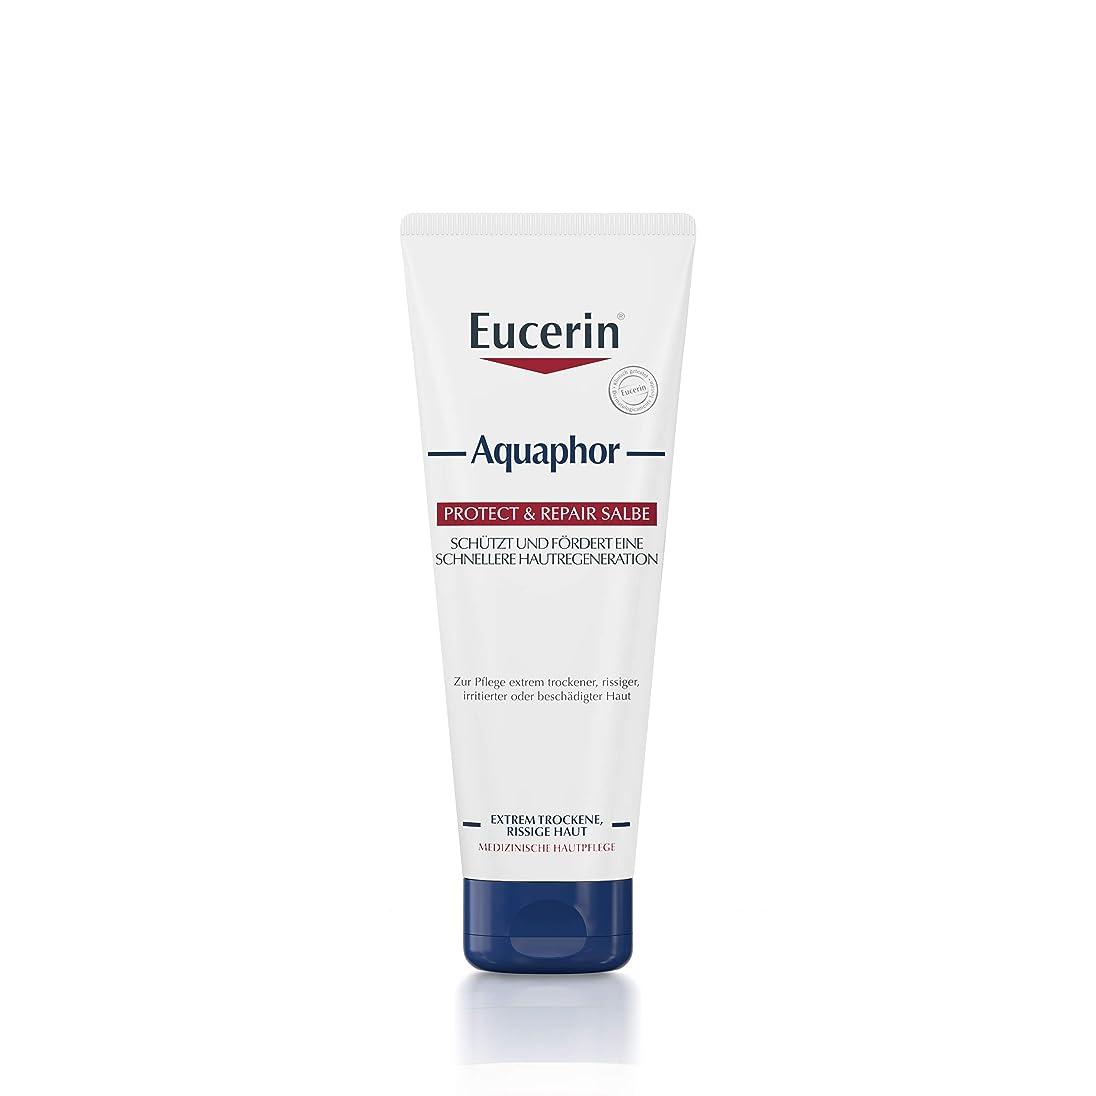 言うまでもなく雑種相互接続Eucerin Aquaphor Soothing Skin Balm 220ml - EucerinのAquaphor心地よいスキンクリーム220ミリリットル (Eucerin) [並行輸入品]